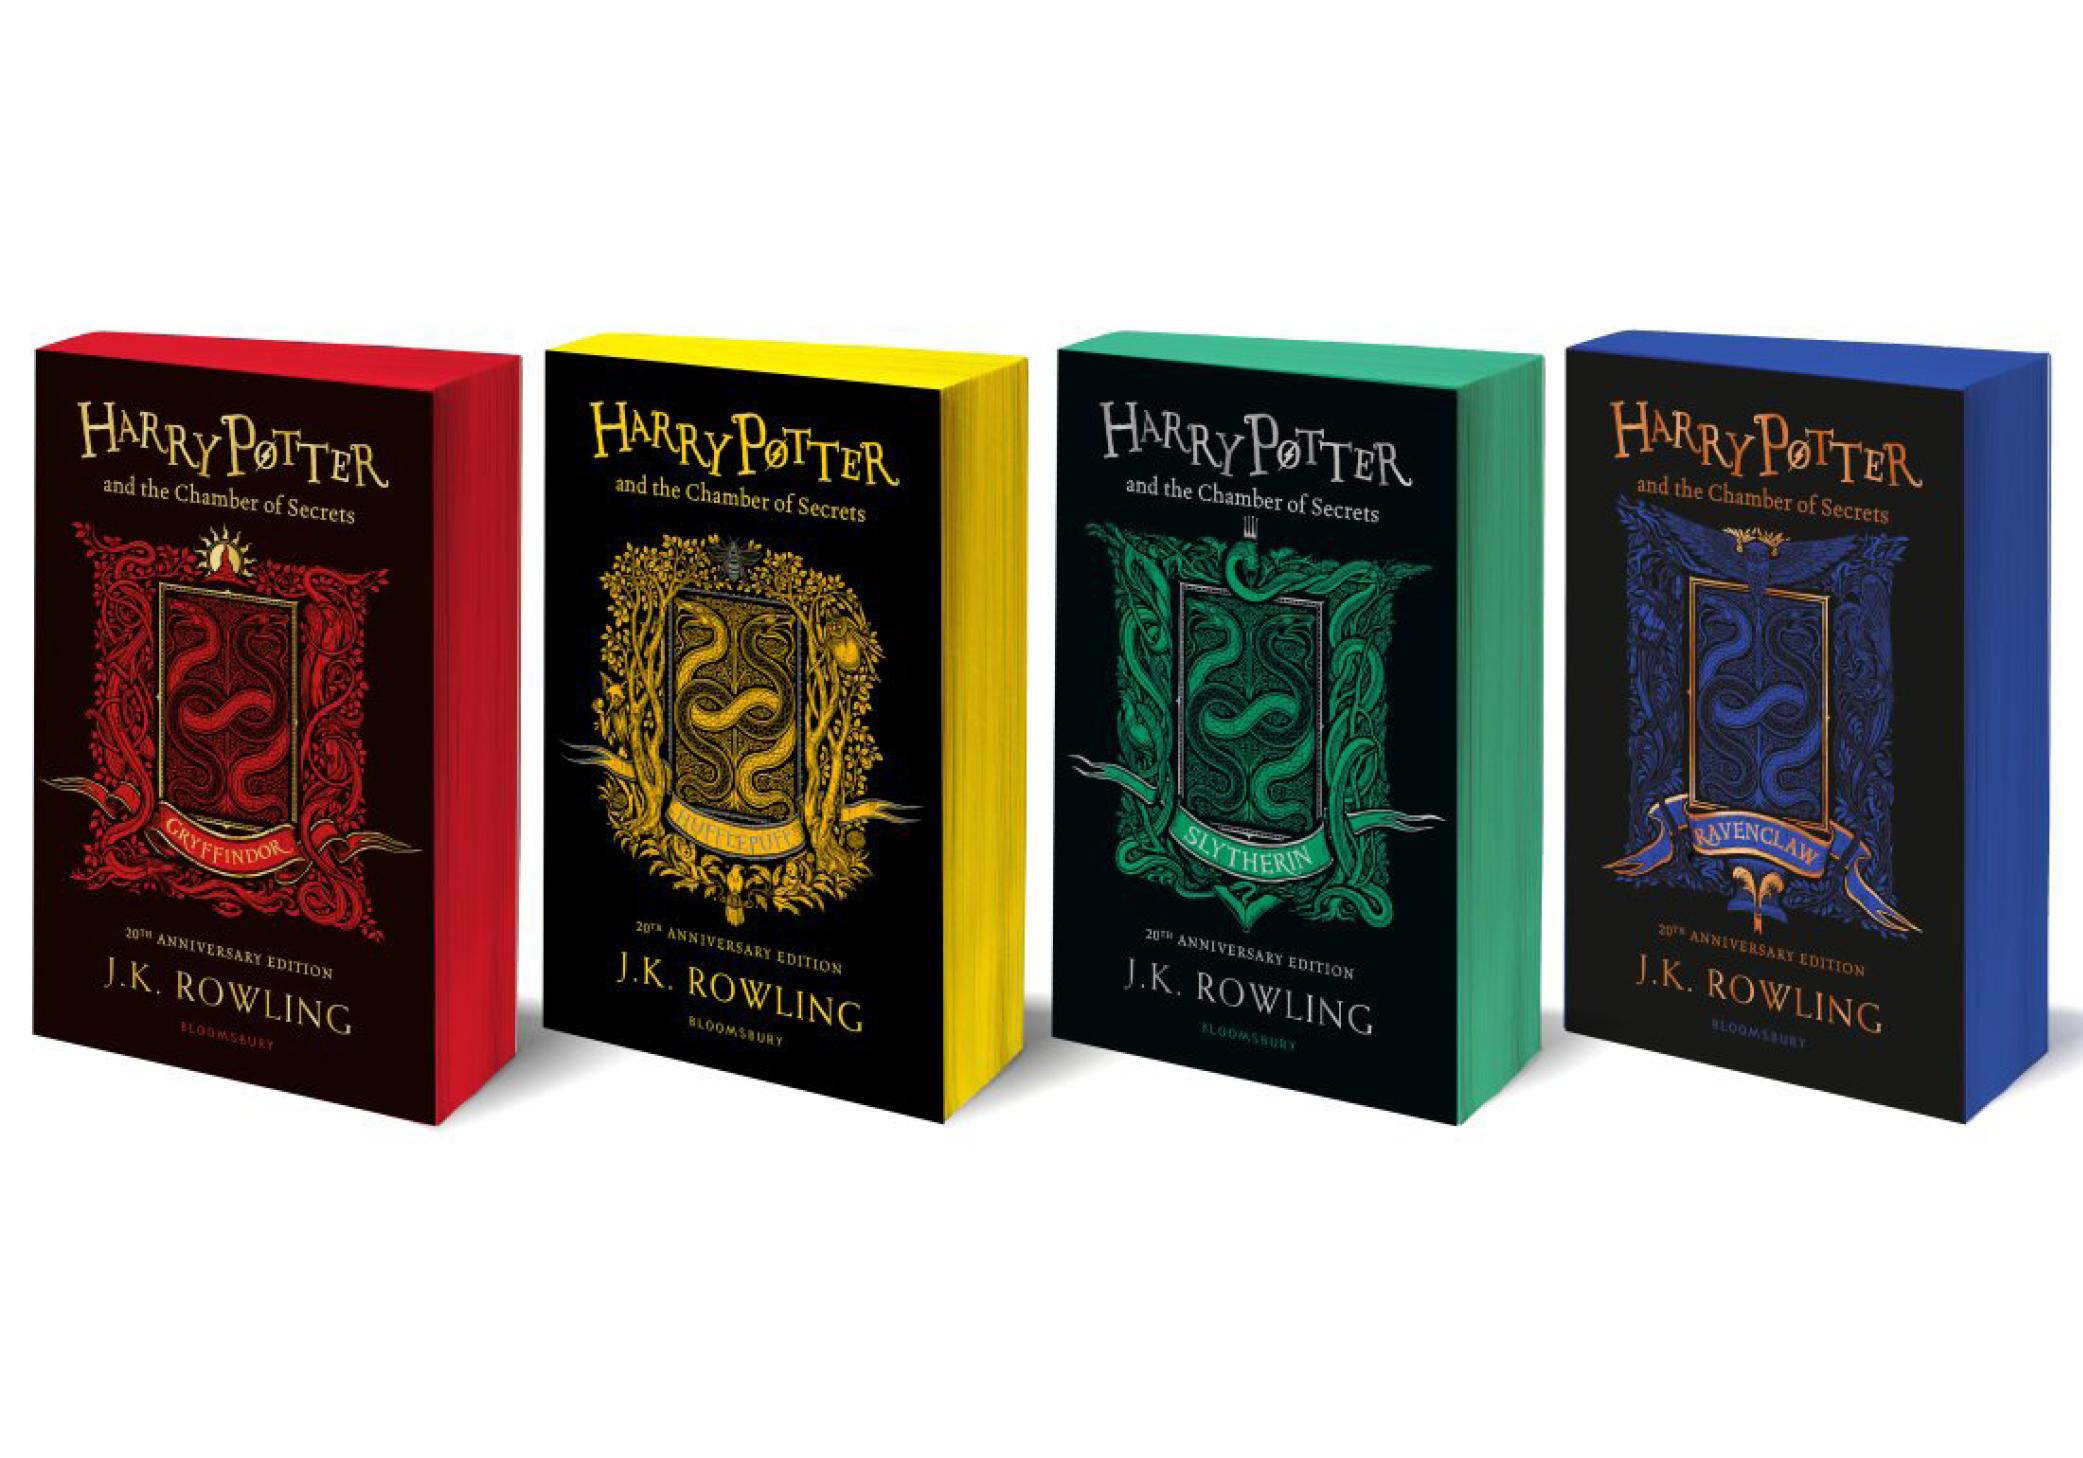 Harry Potter éditions 20 ans